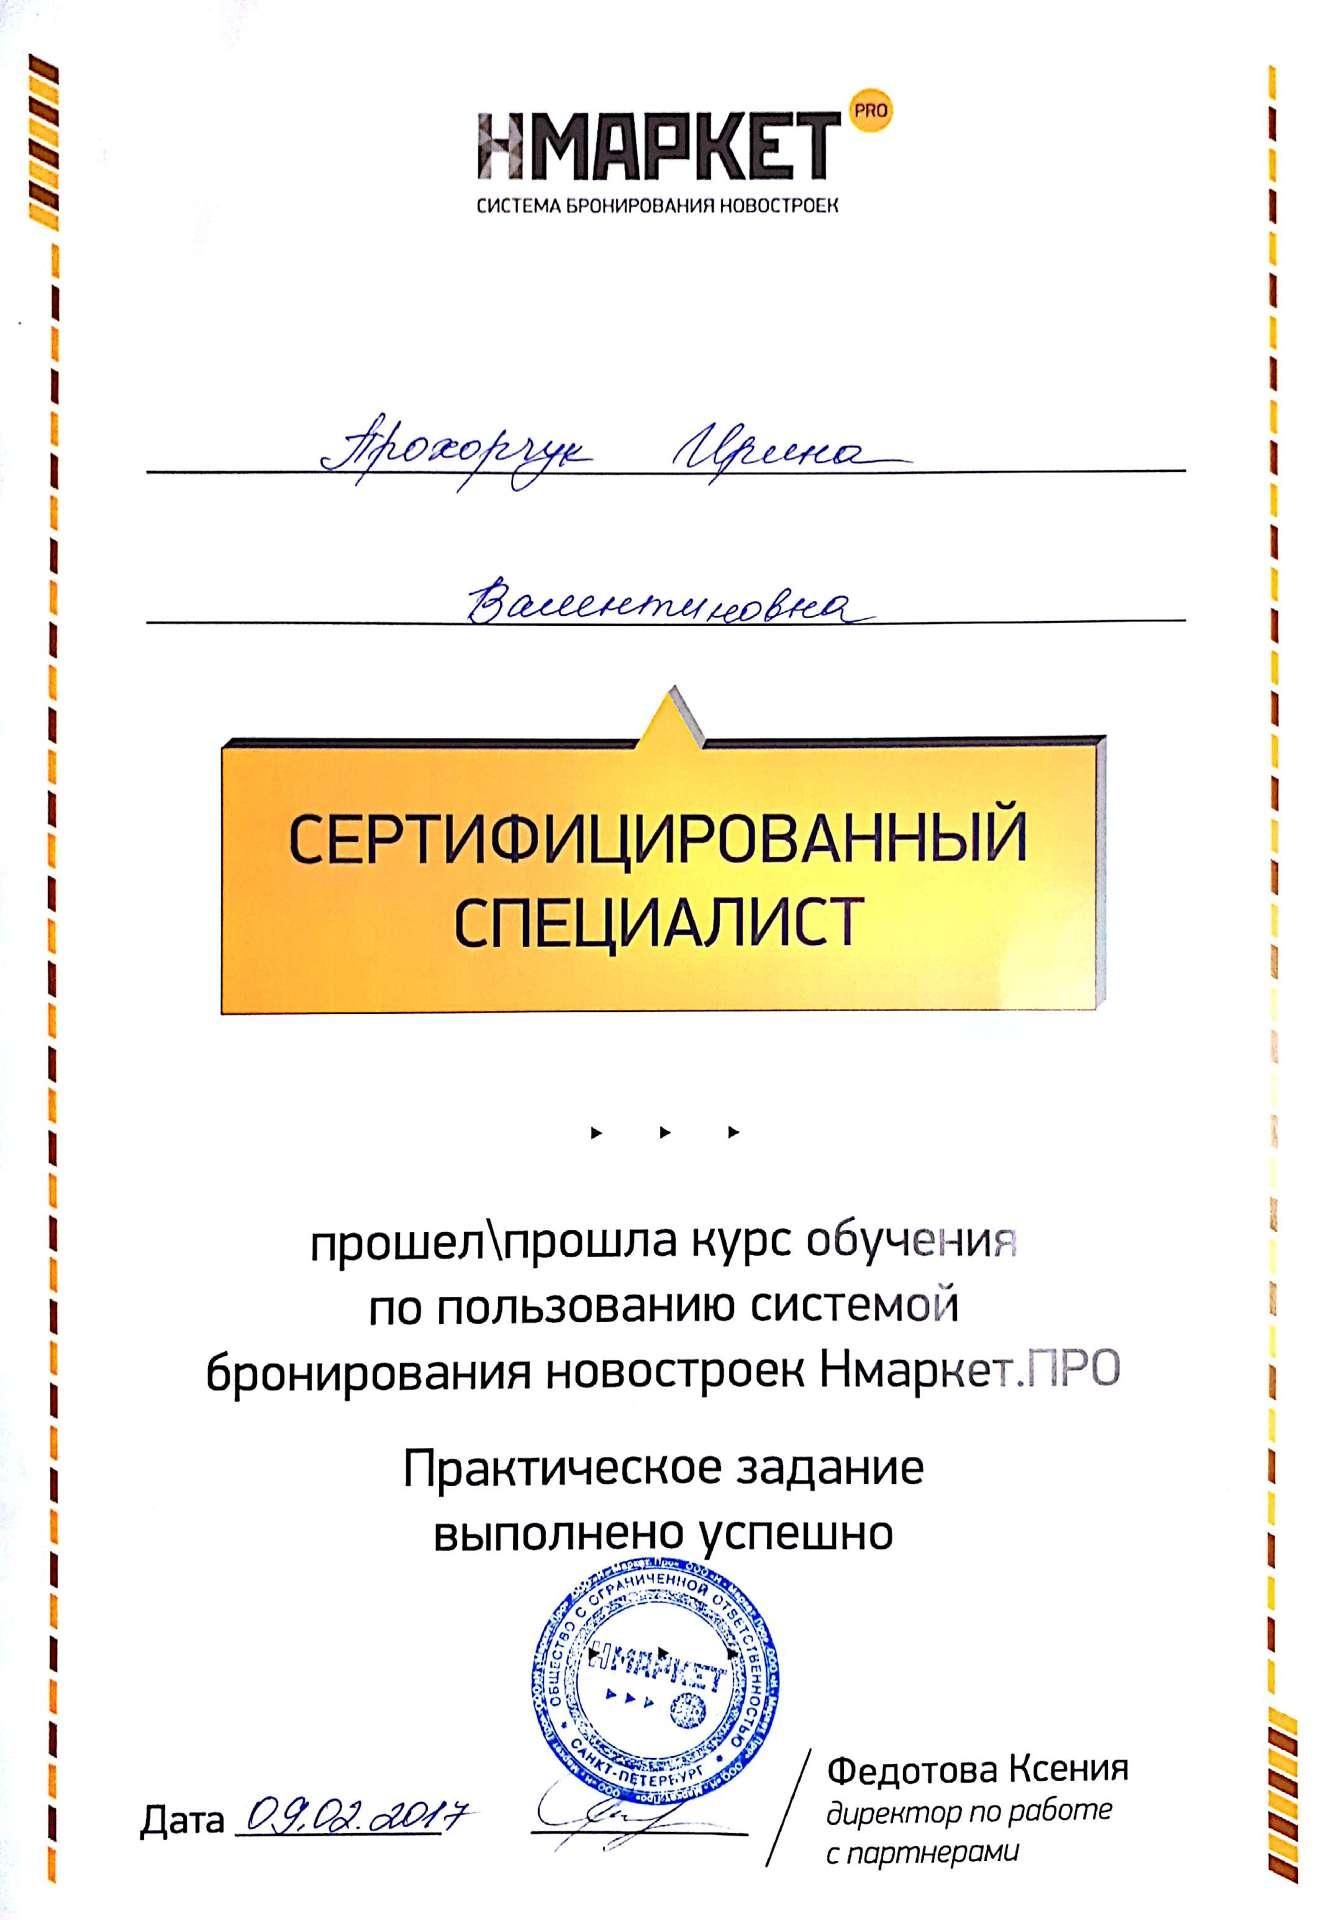 4a7fcc89b48e6f1b44020c972db17709